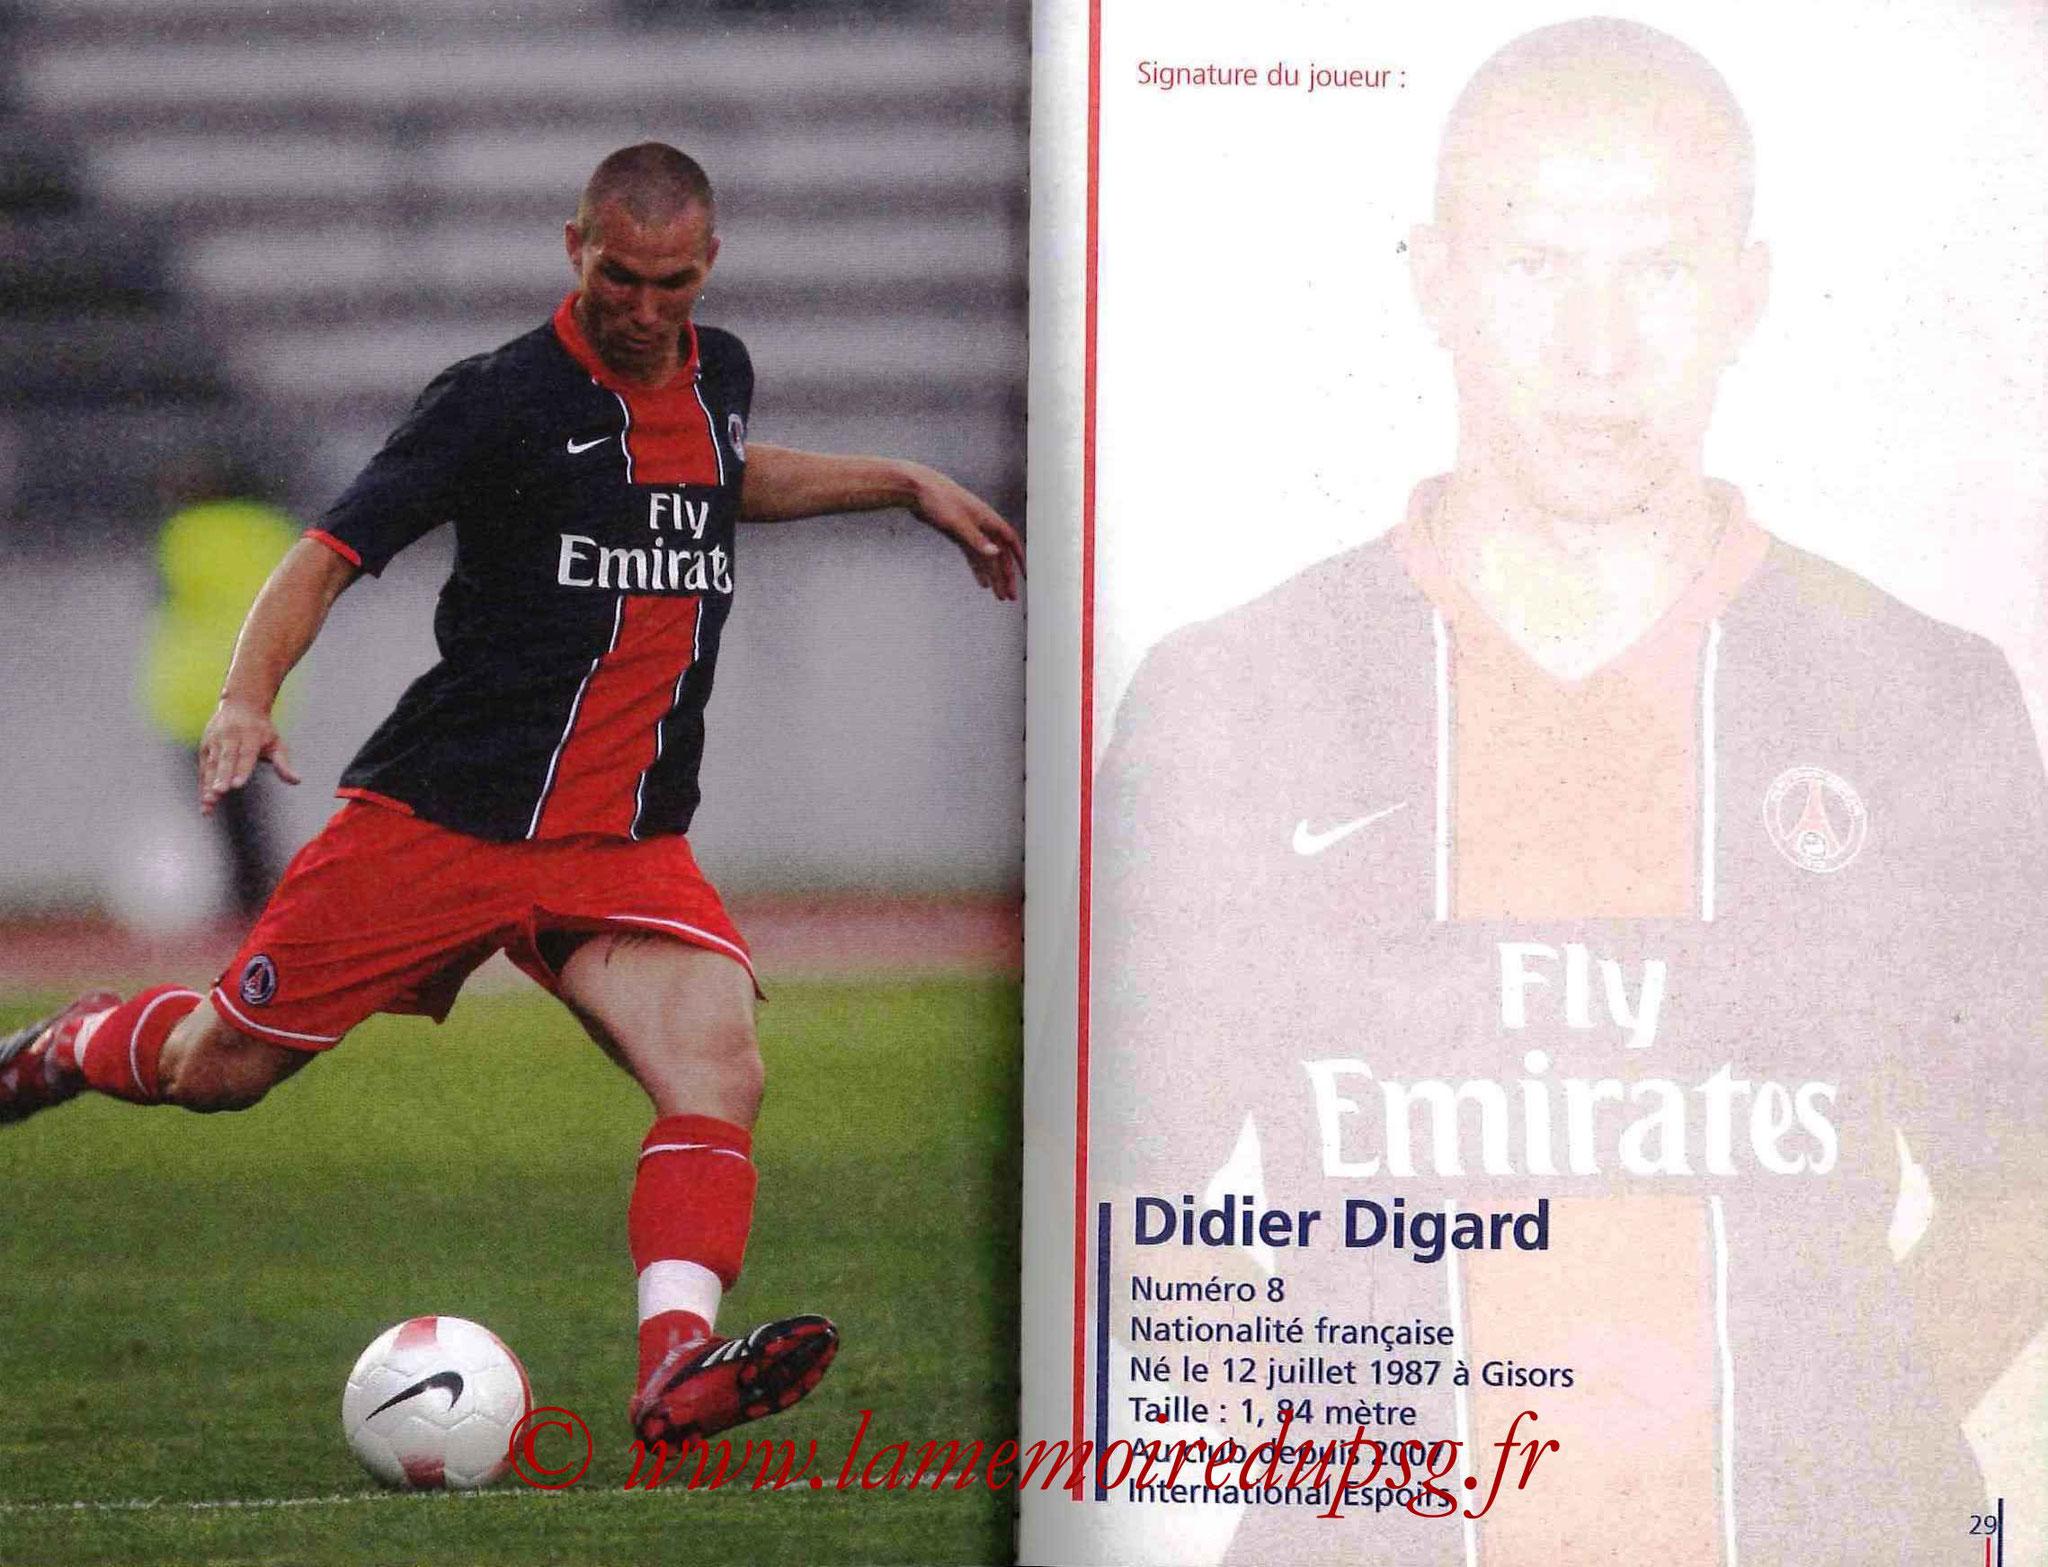 2007-08 - Guide de la Saison PSG - Pages 28 et 29 - Didier DIGARD